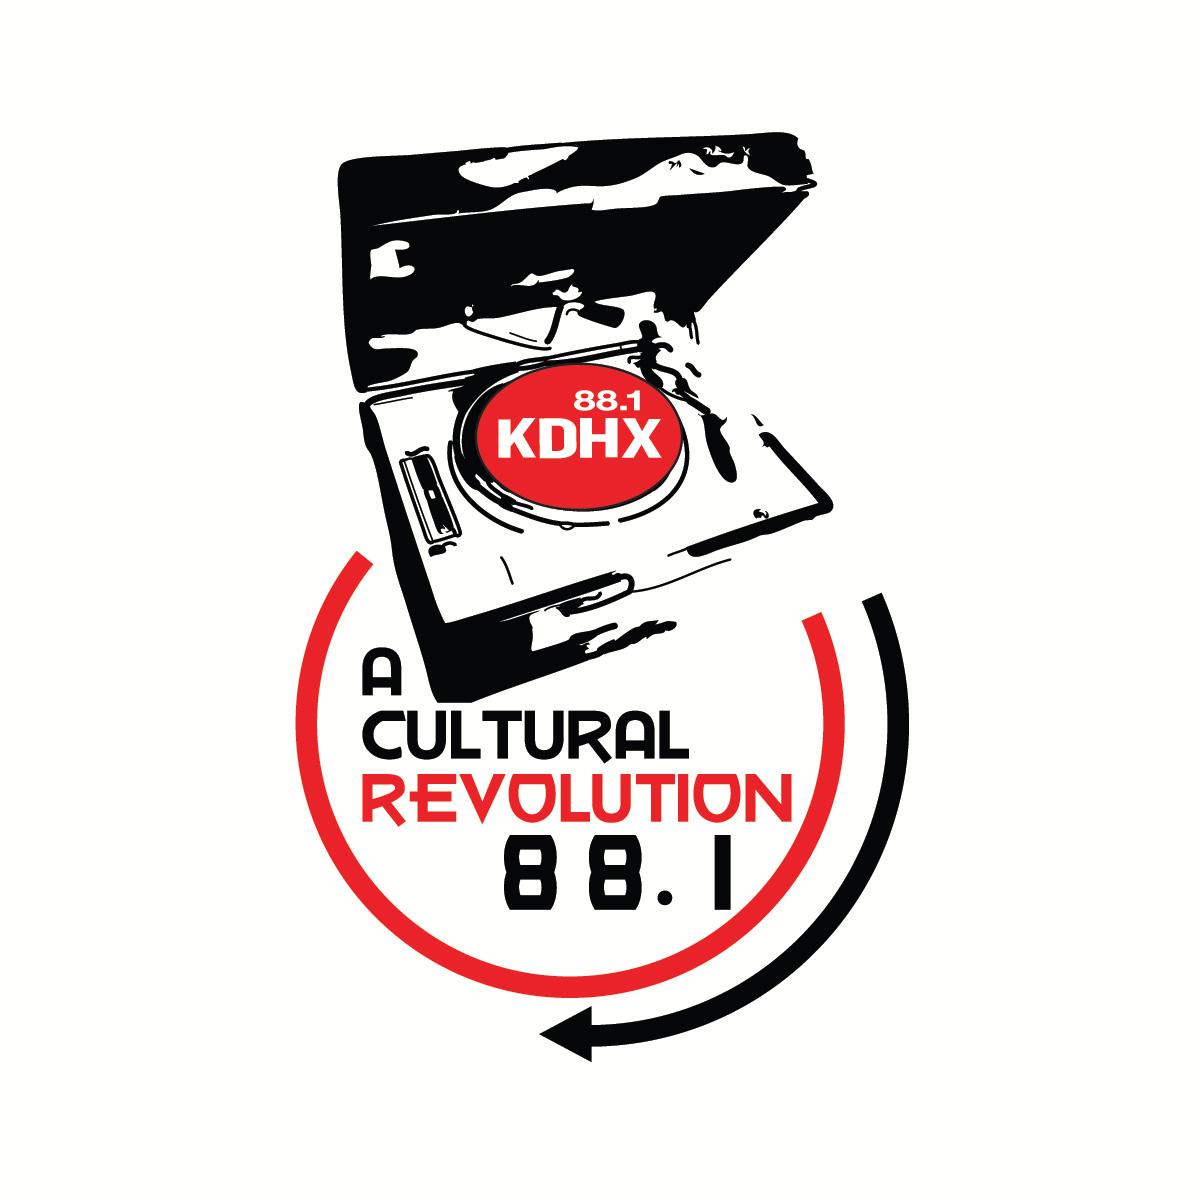 cult rev FINAL 11.23.10-01.jpg